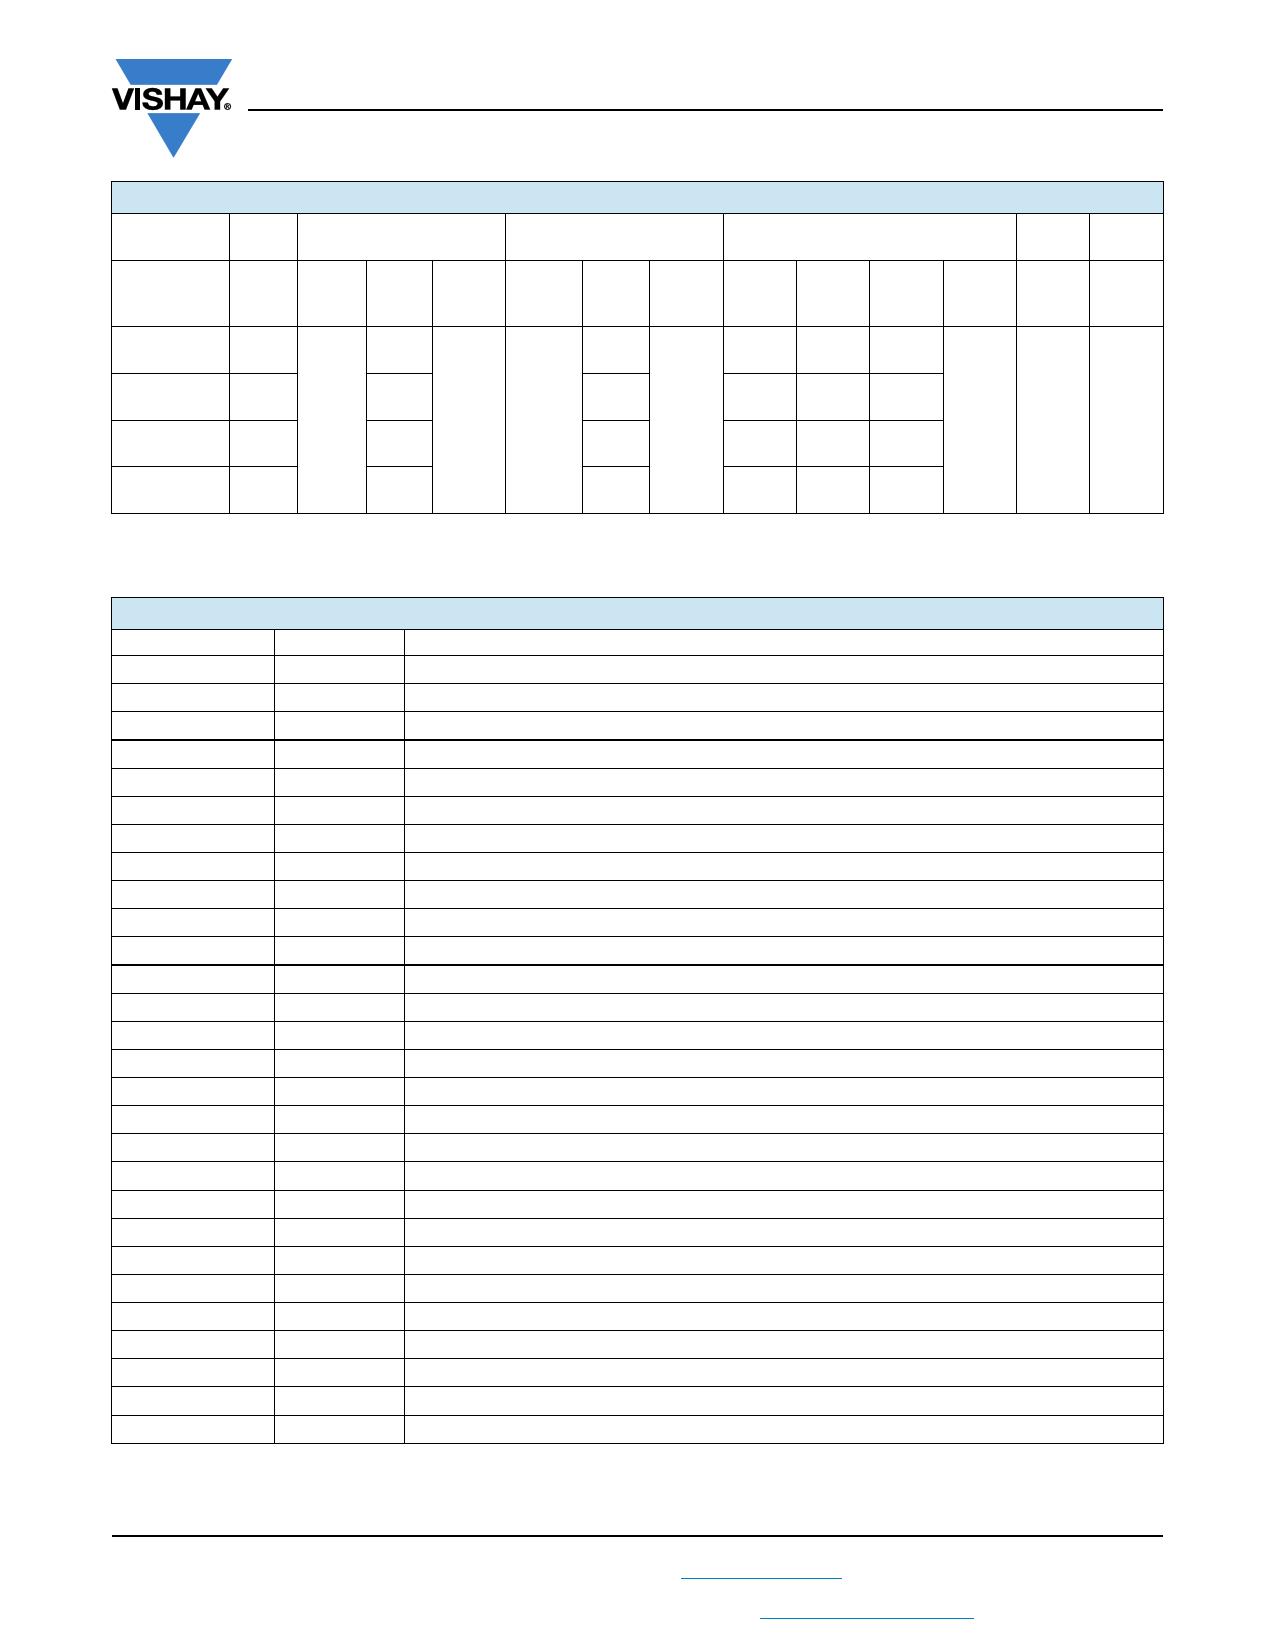 199D107Xxxxx pdf, 電子部品, 半導体, ピン配列